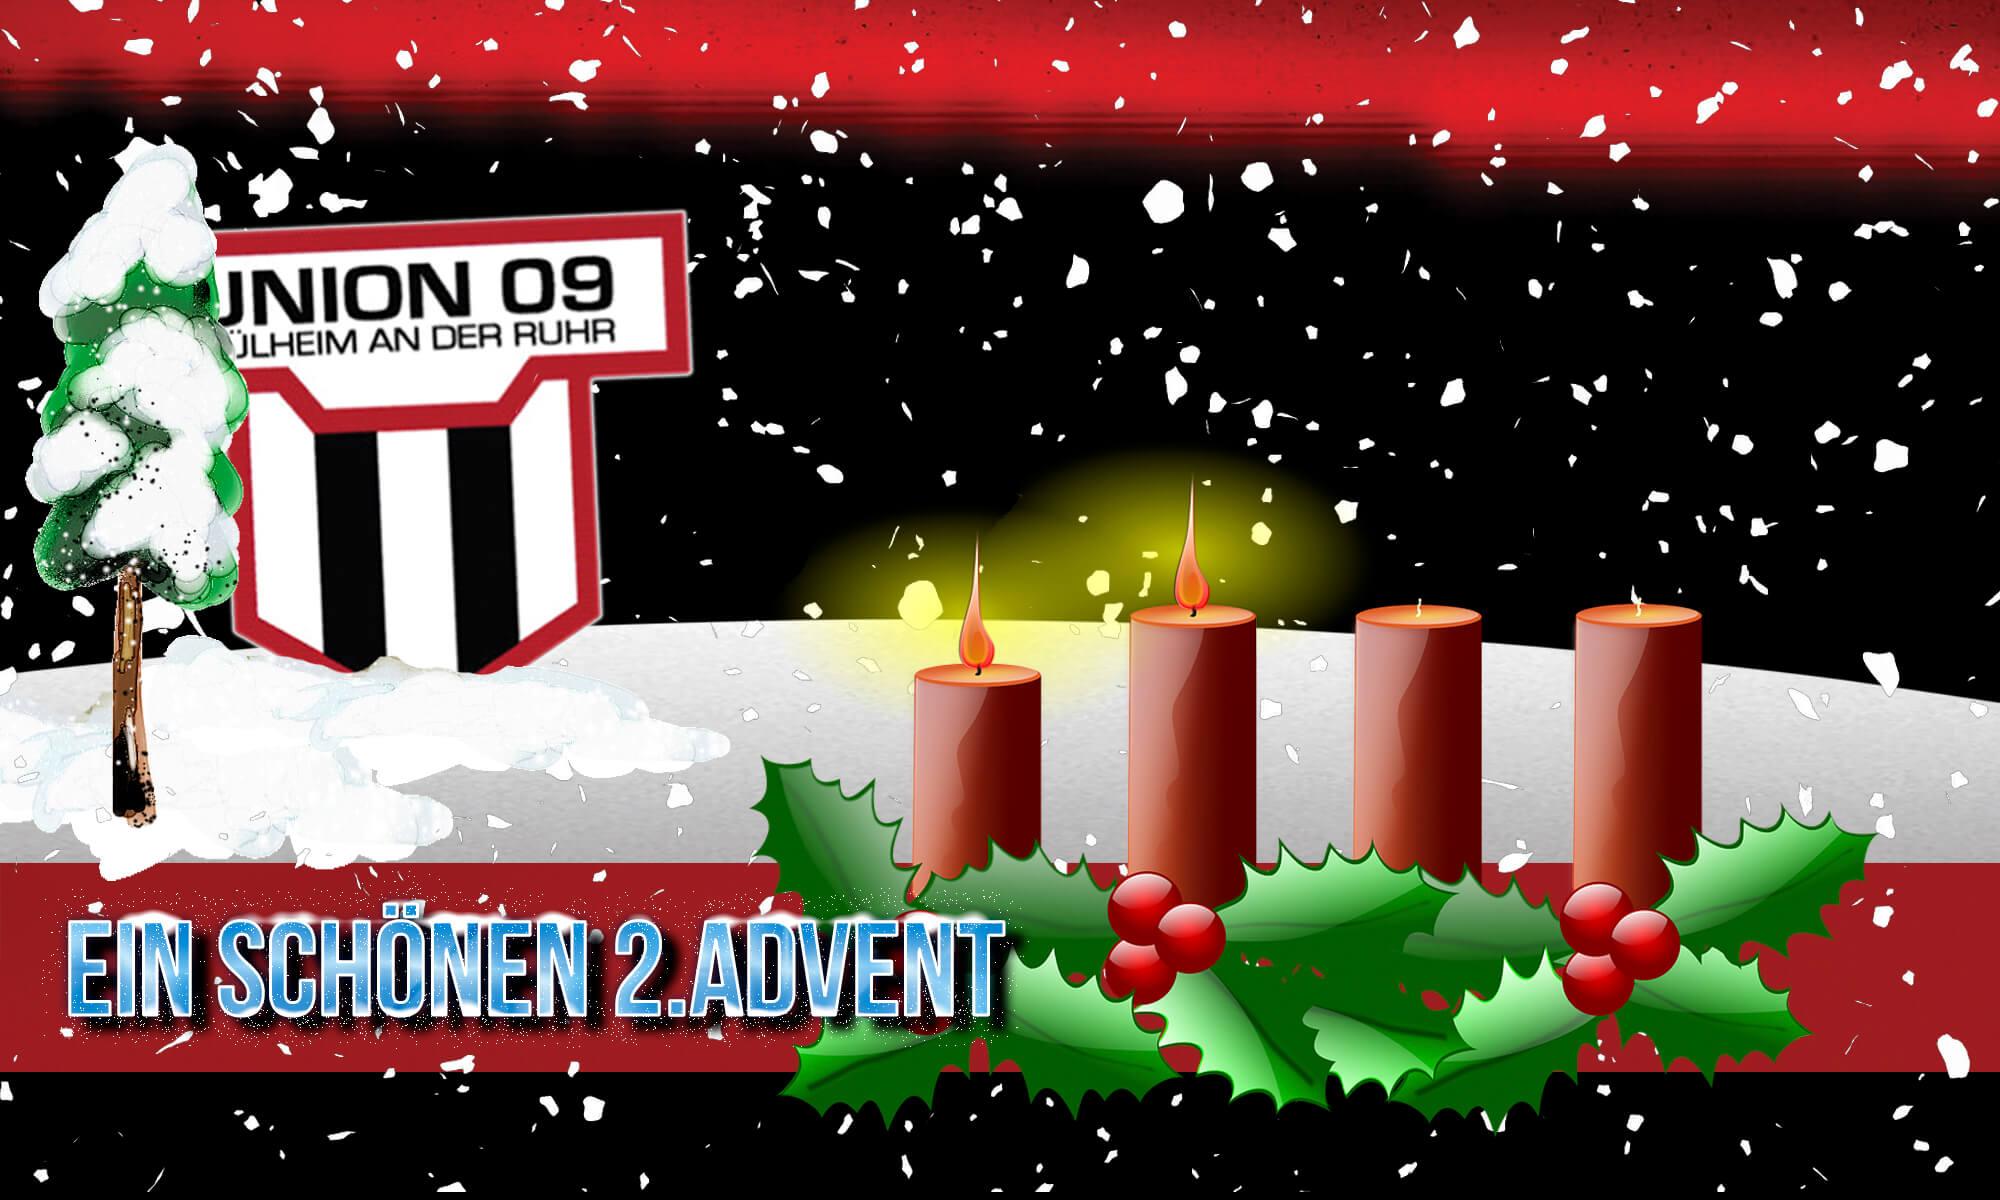 Wünschen allen ein schönen 2. Advent